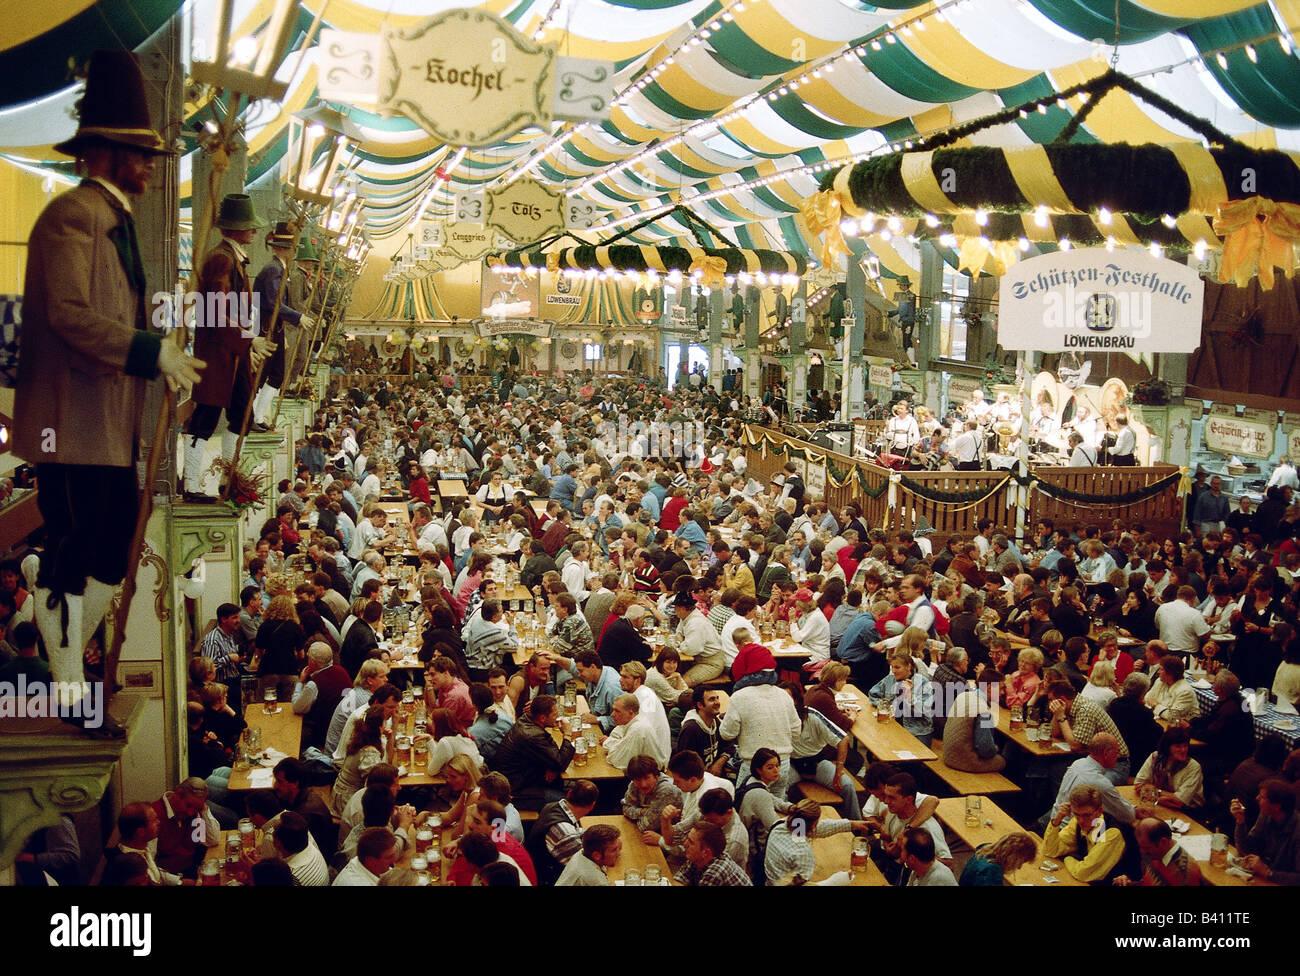 geography / travel, Germany, Bavaria, Munich, Oktoberfest, beer tent, Loewenbraeu, Schuetzen Festhalle, interior Stock Photo